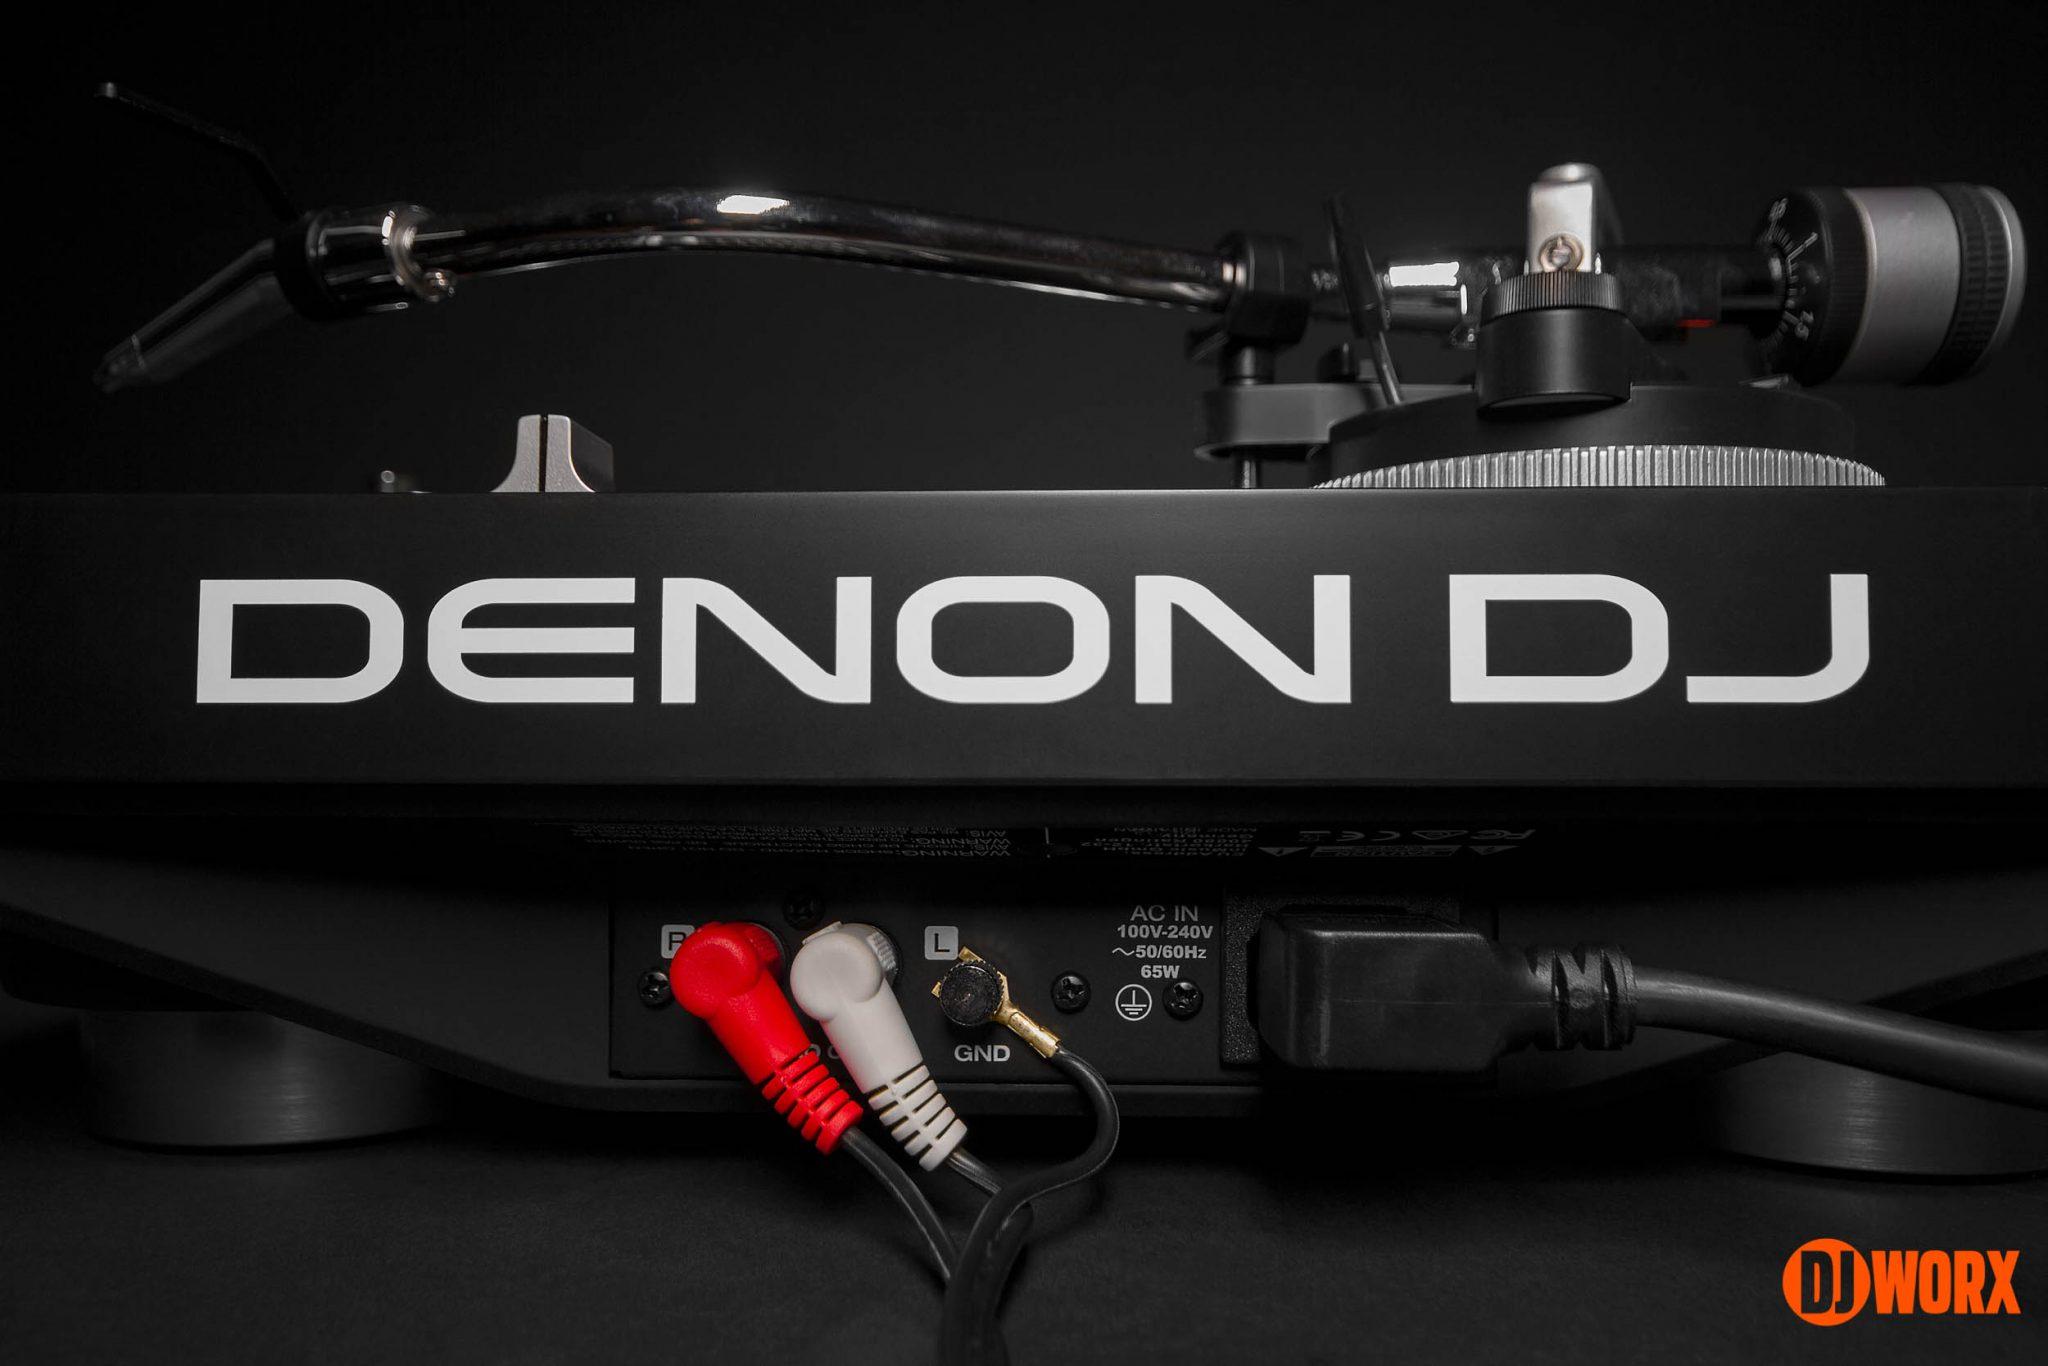 Denon DJ L12 Prime turntable review DJWORX (4)